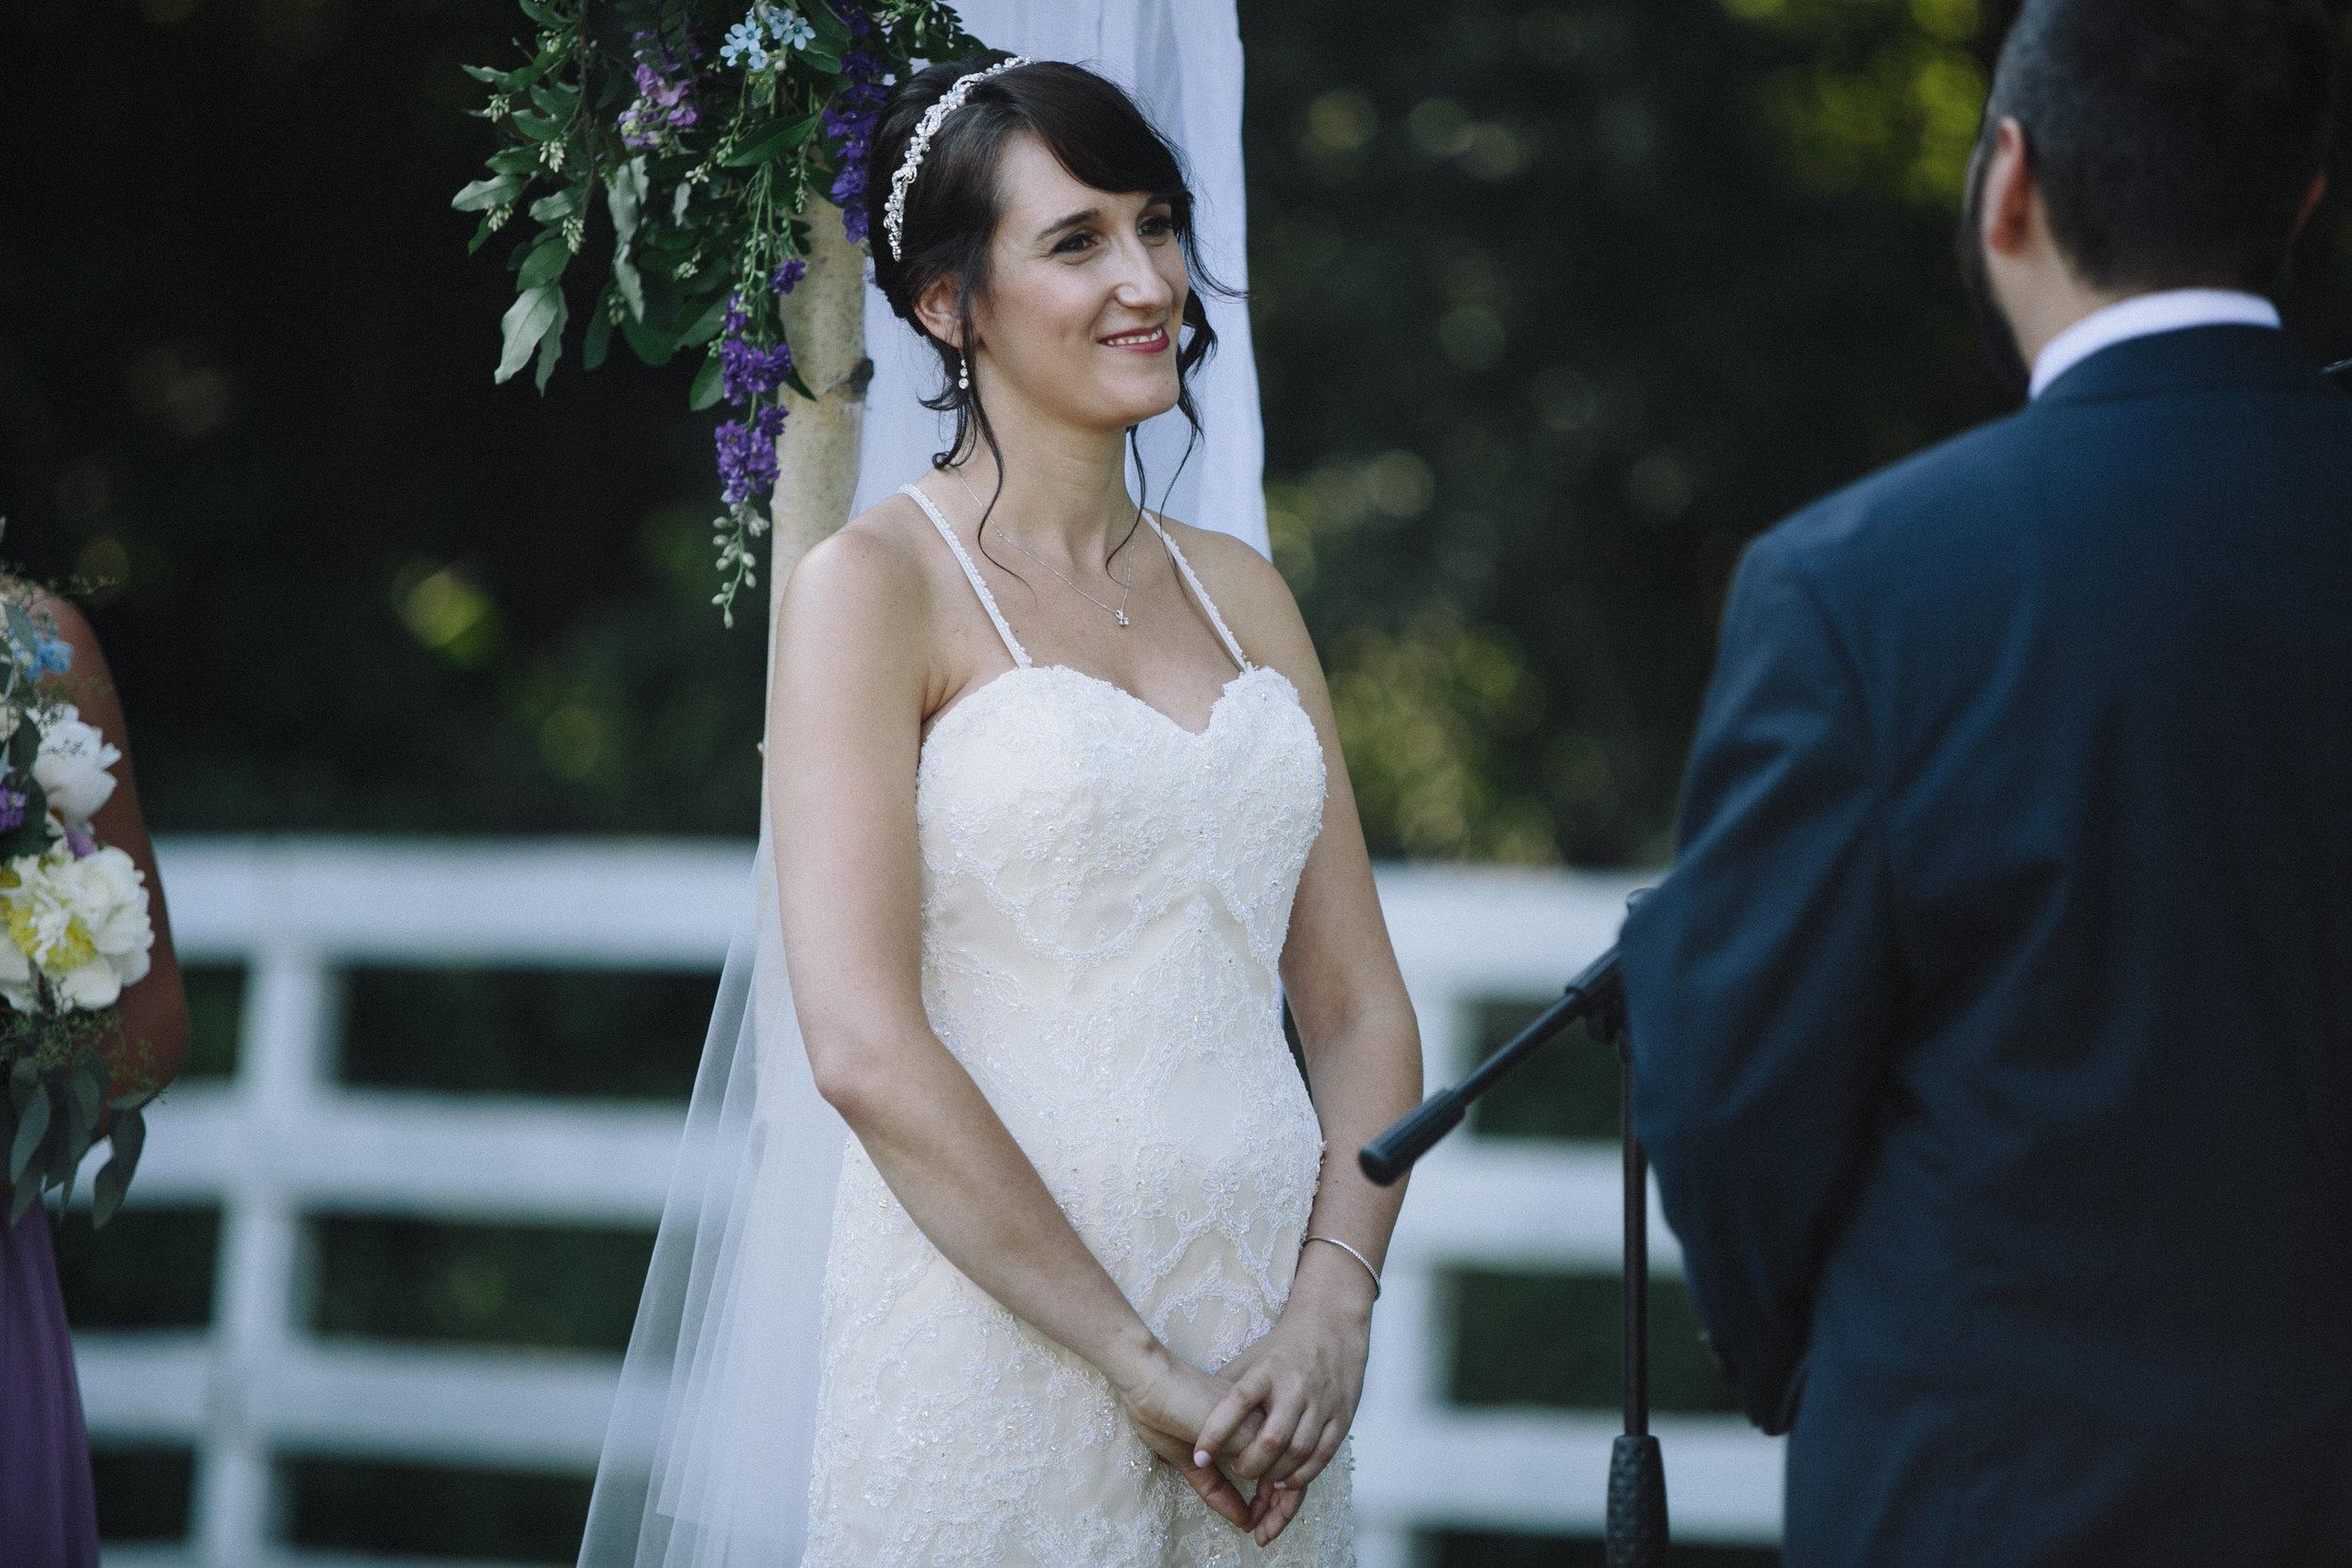 505_Jared_Kristen_wedding.jpg